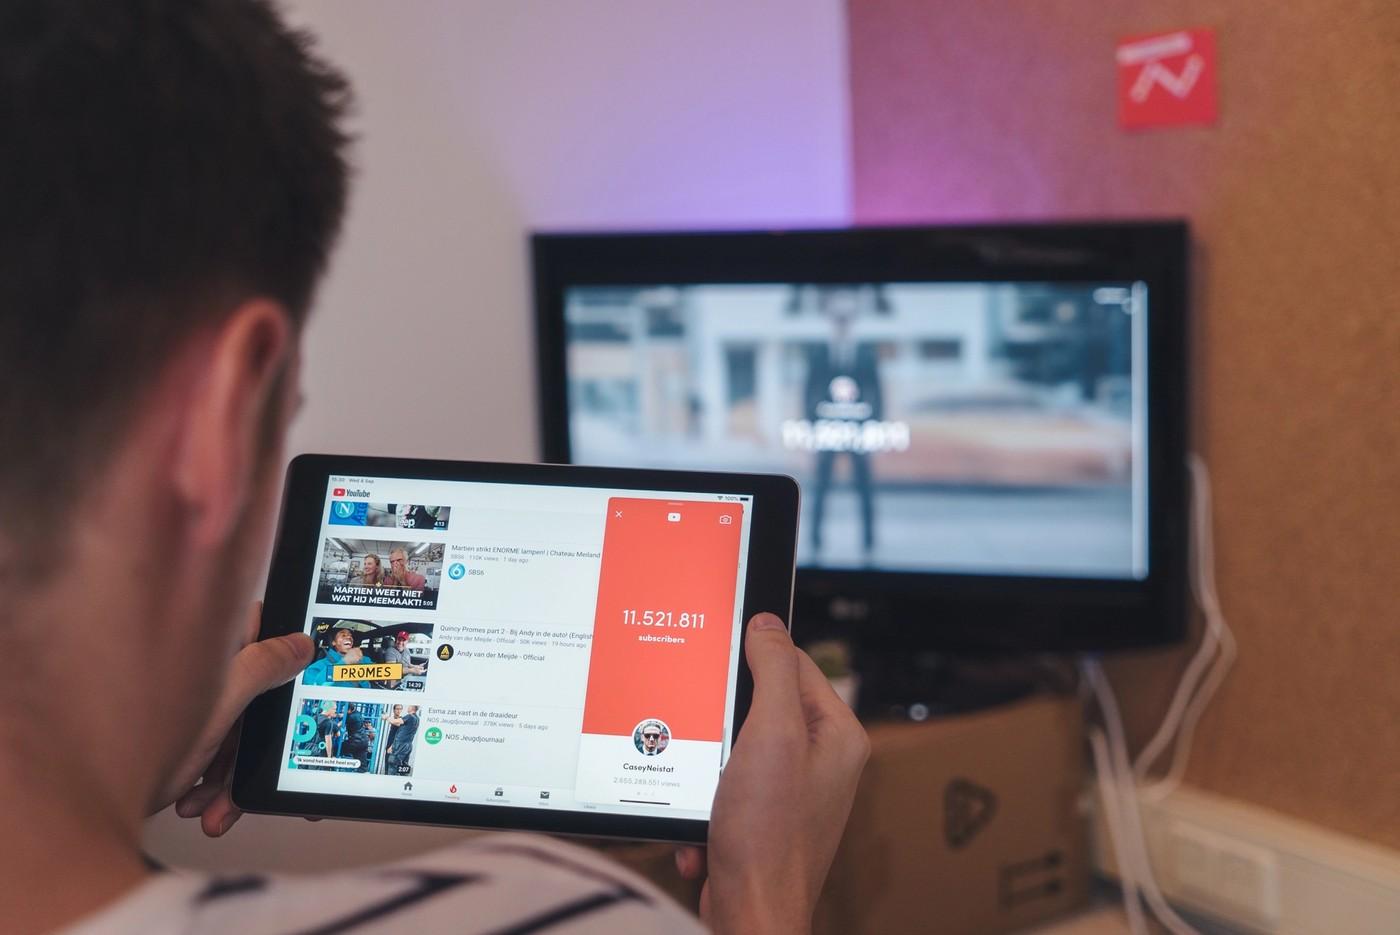 Une personne en train de regarder des vidéos YouTube